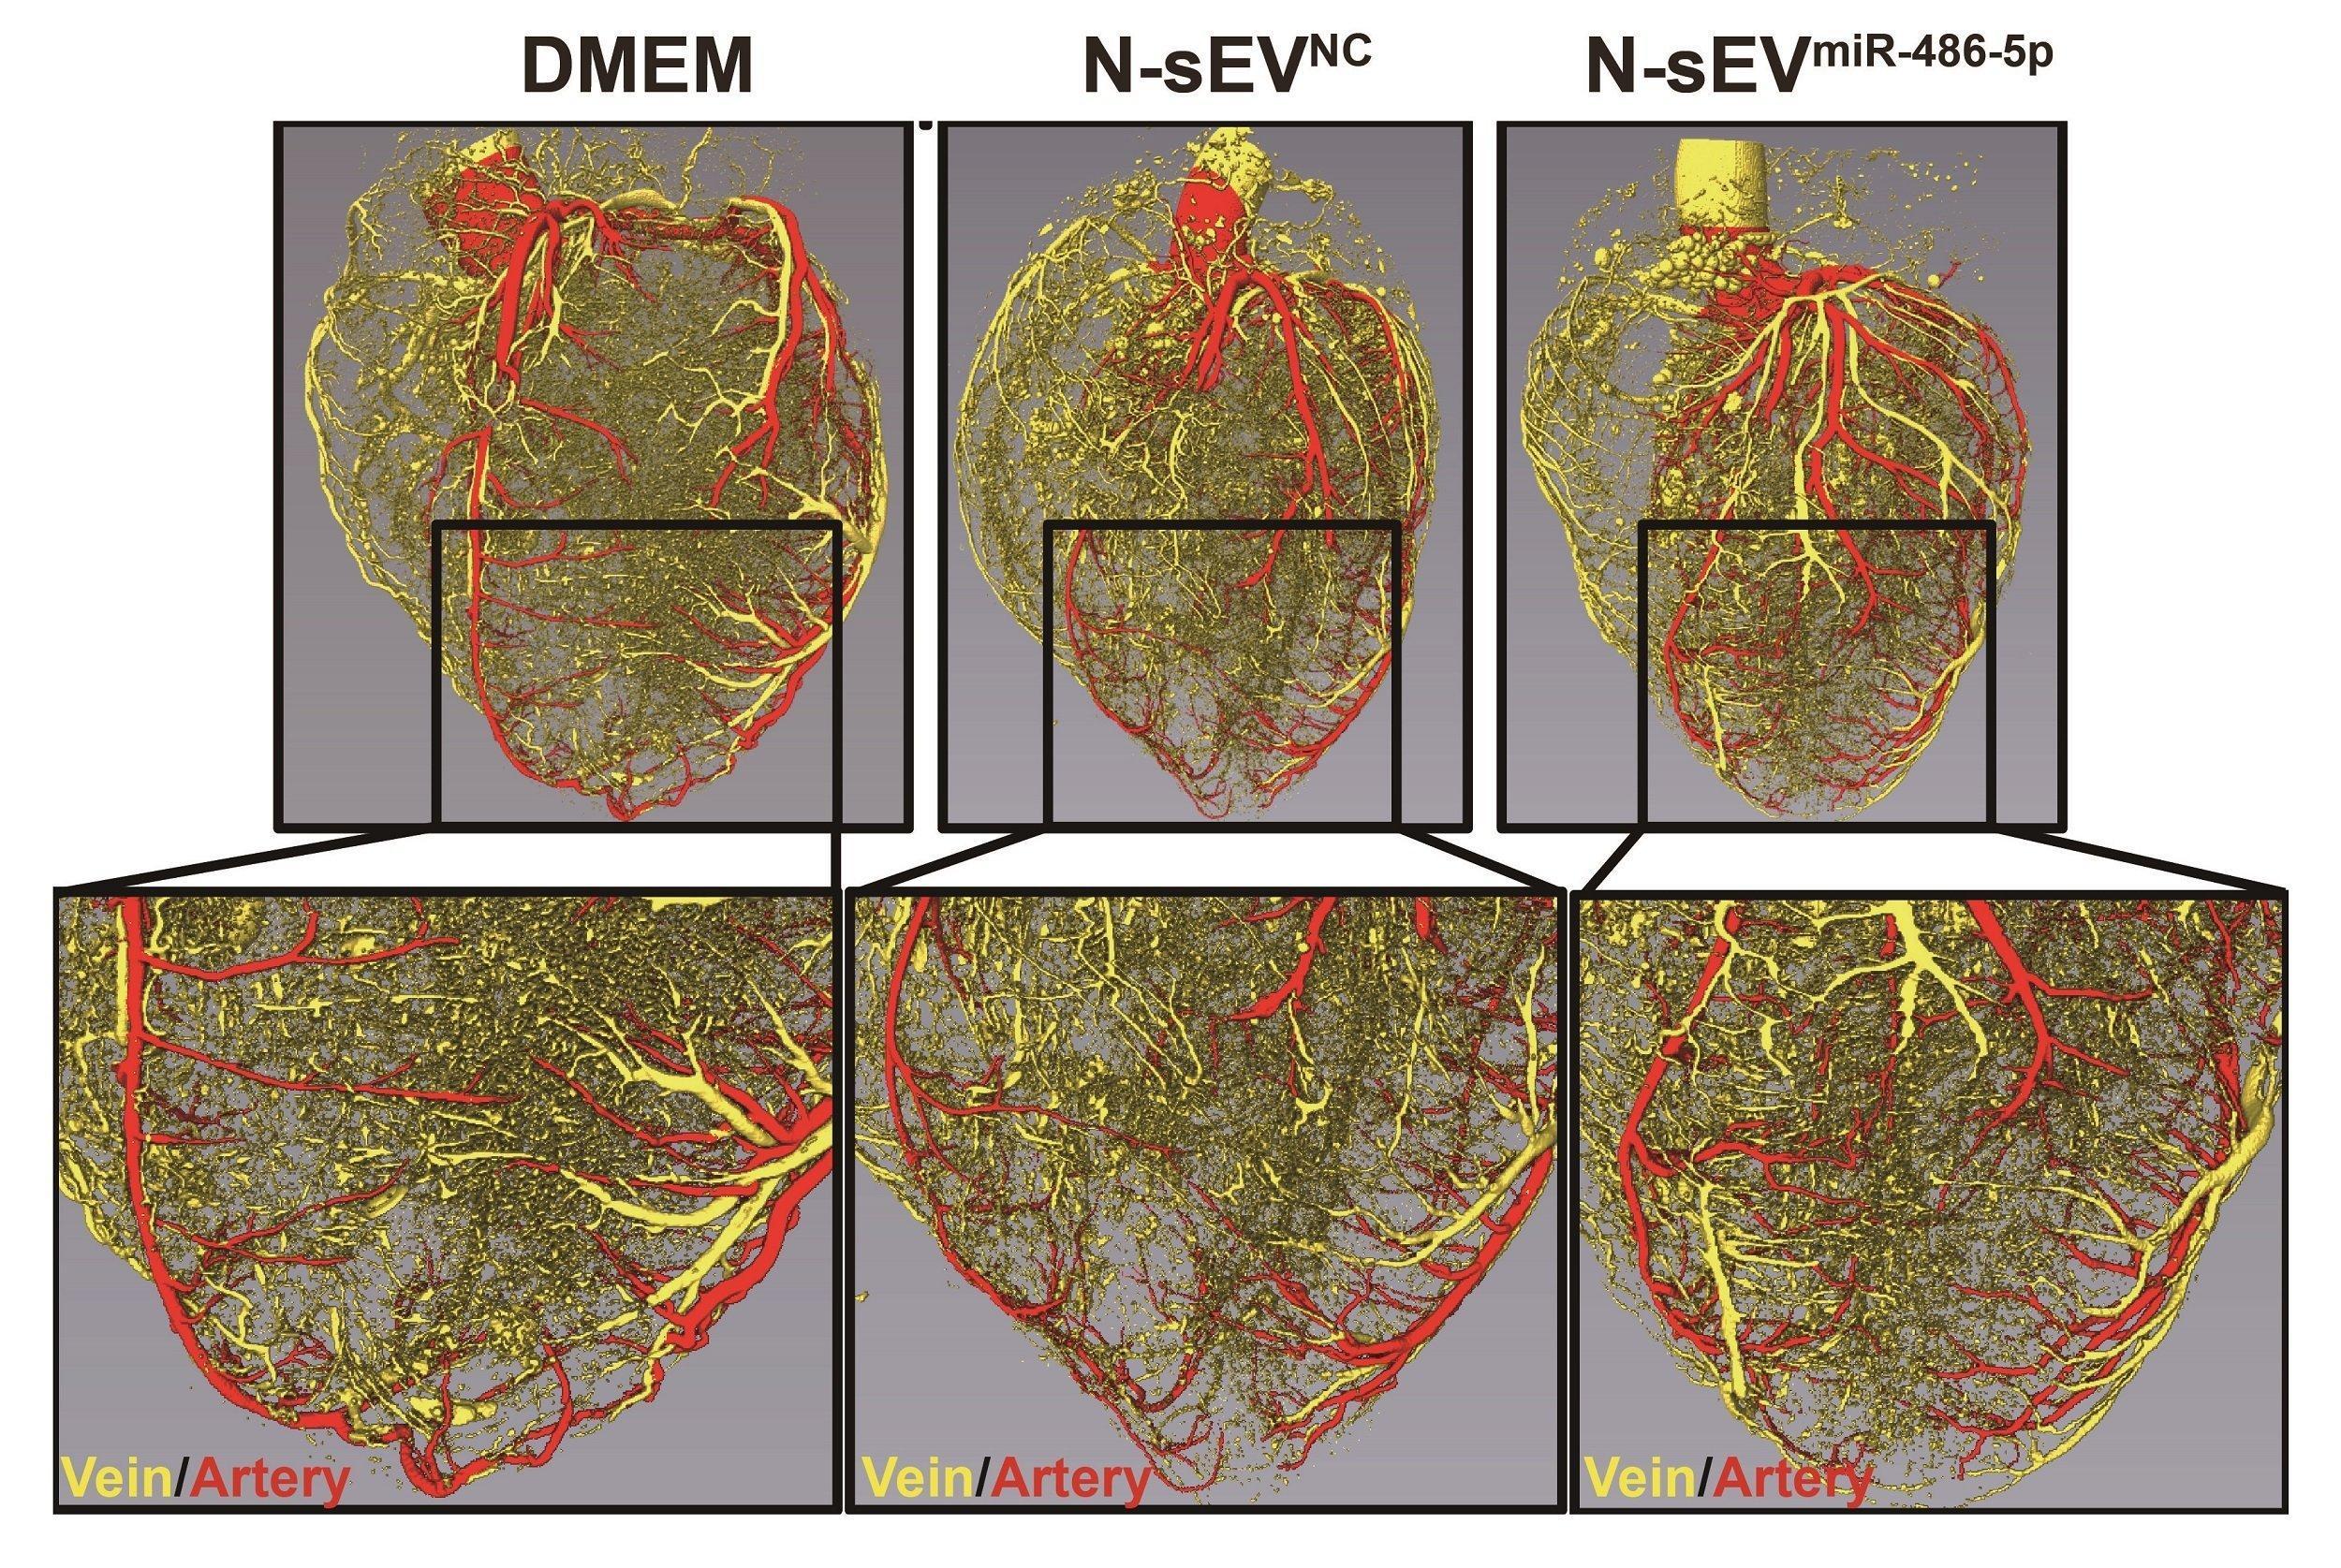 Aufnahmen der Herzkranzgefäße dreier Herzen. Das linke Herz hat mehr feine Blutgefäße als das mittlere und das rechte.